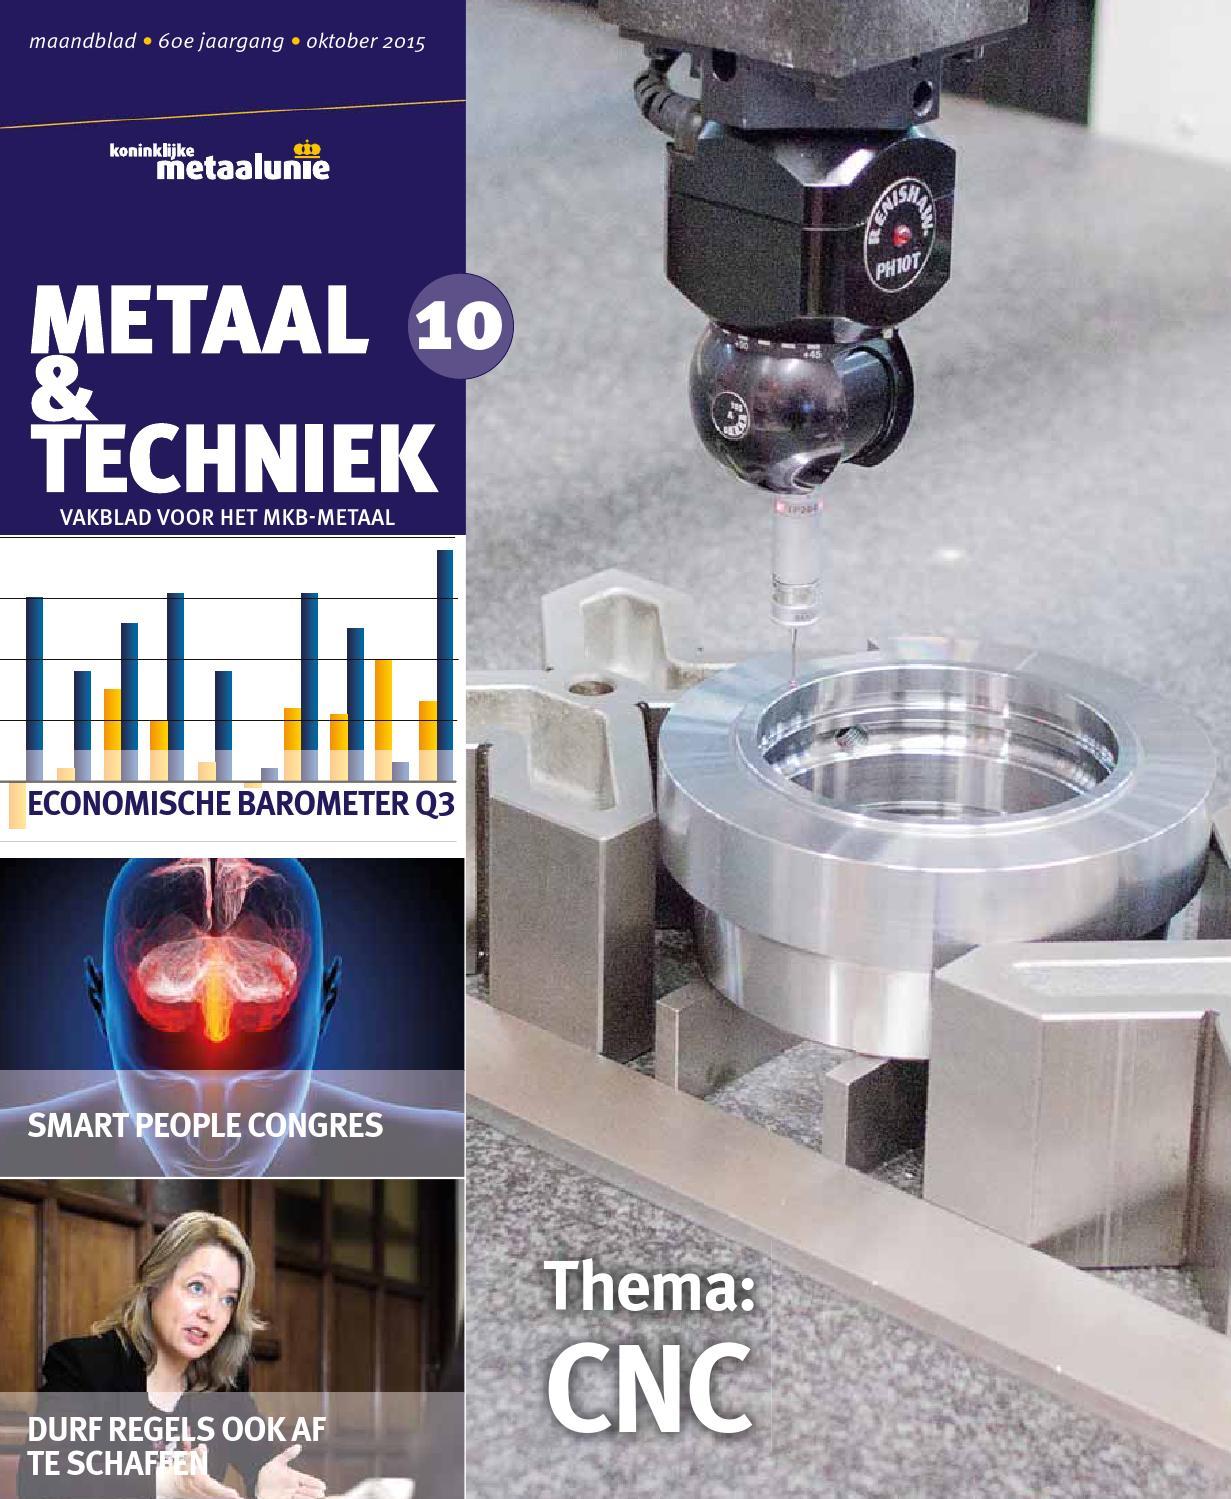 Metaal & techniek april 2016 by koninklijke metaalunie   issuu